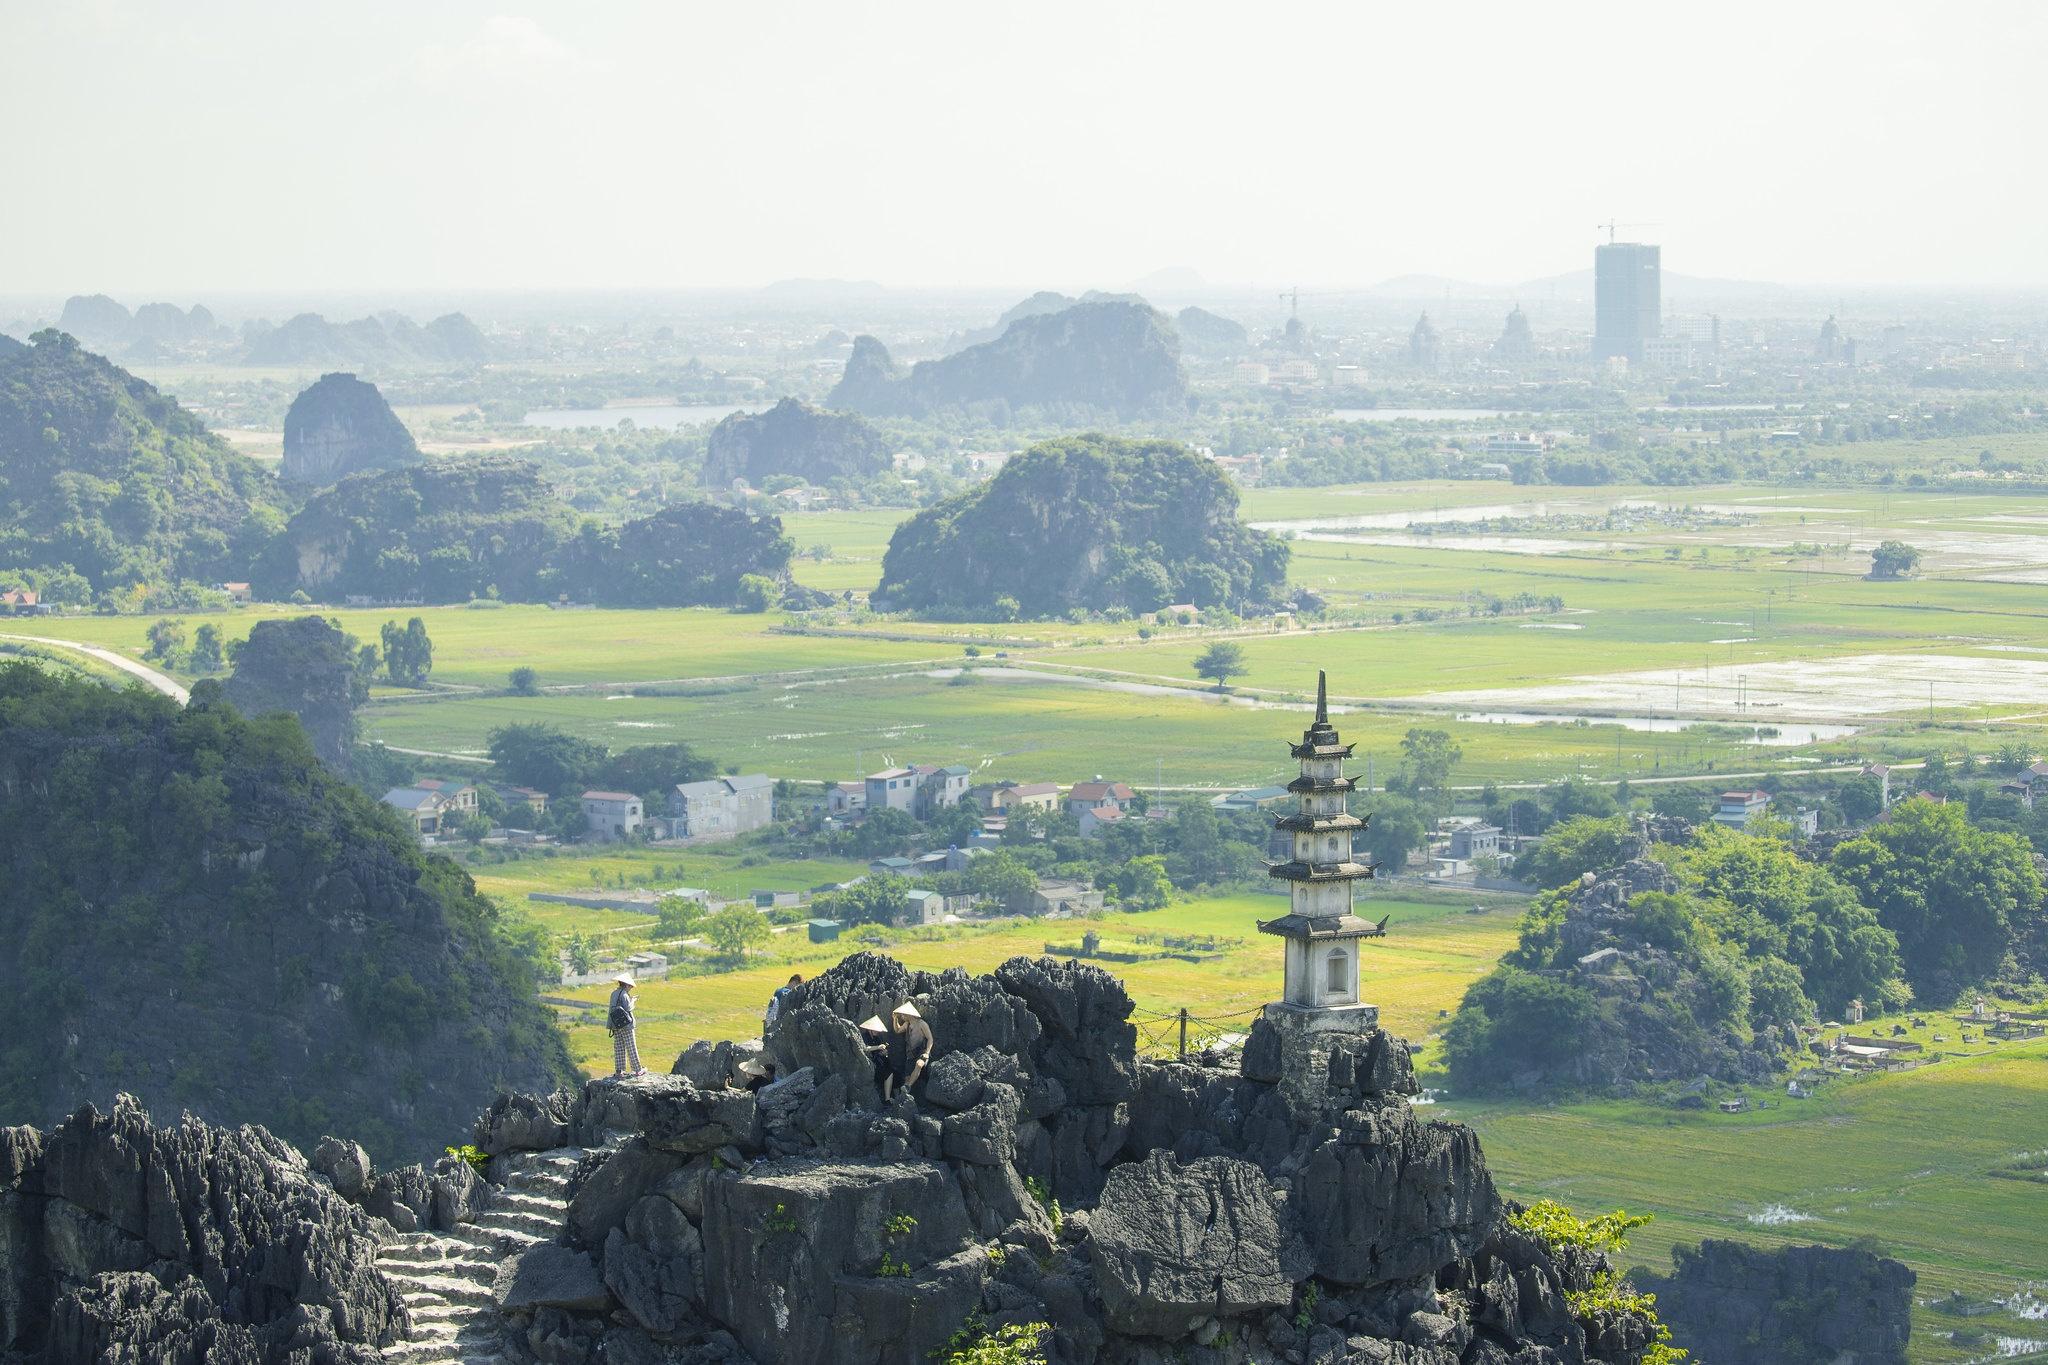 Cảnh đẹp ở cánh đồng sen Ninh Bình - Ảnh 7.